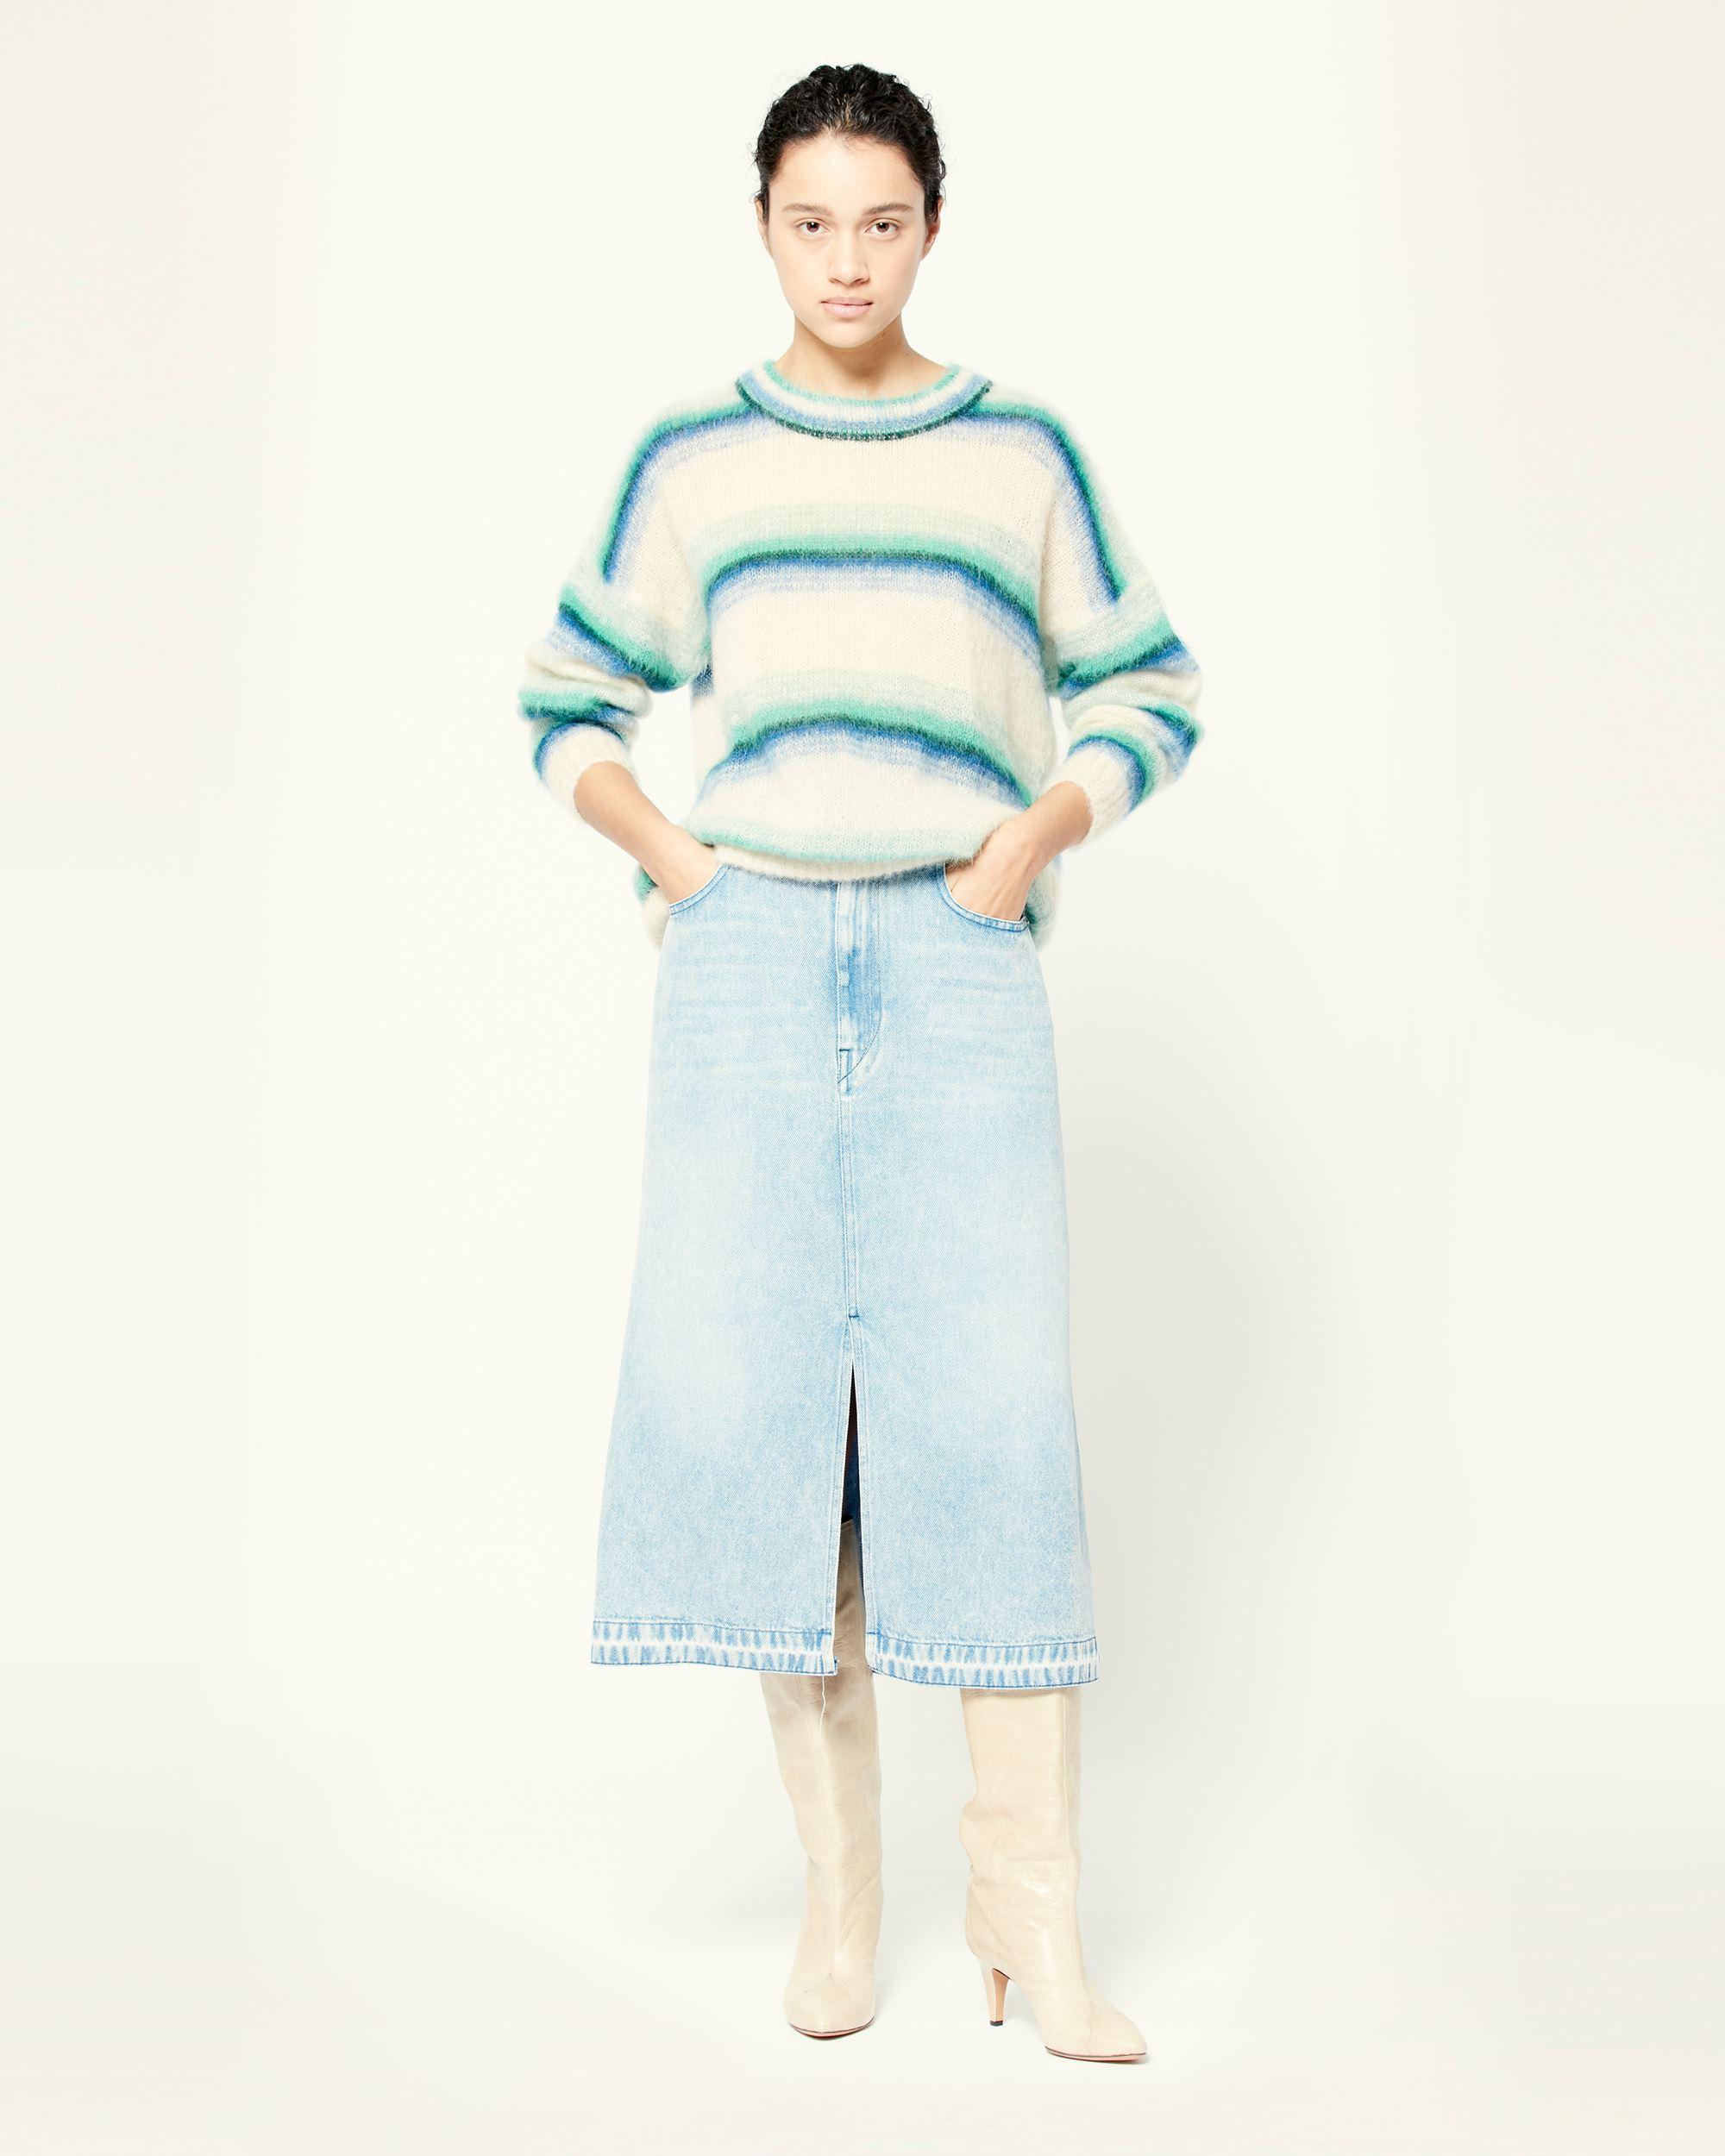 Tilauria Skirt